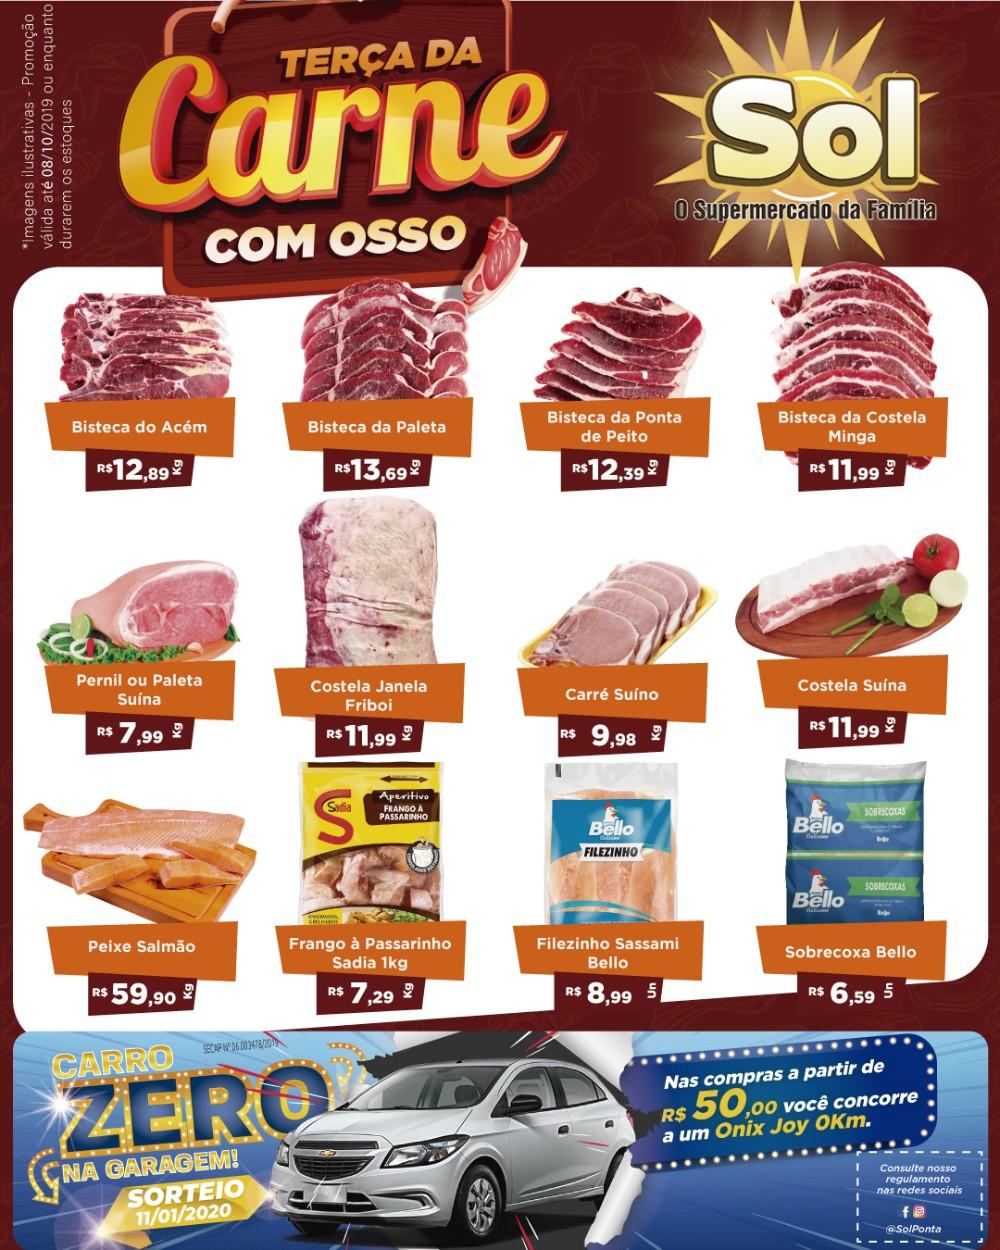 Aproveitem hoje as ofertas da Terça da Carne e da Padaria e concorra com compras a cada 50 reais a um cupom para sorteio de um carro 0Km